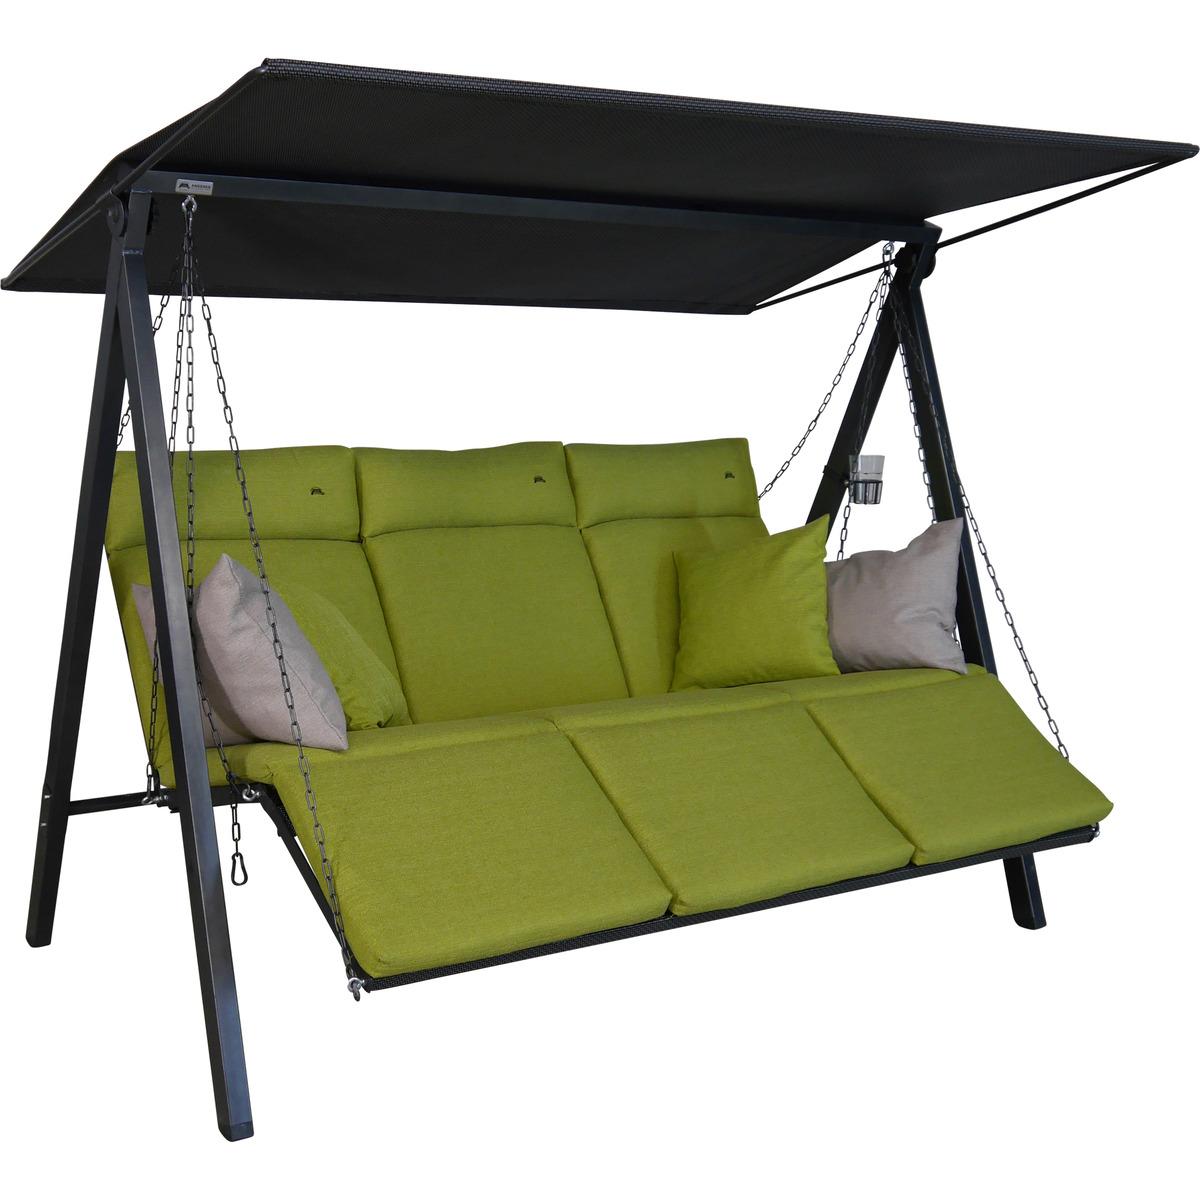 Bild 2 von Angerer Freizeitmöbel Hollywoodschaukel 'Lounge Smart' 3-Sitzer lime